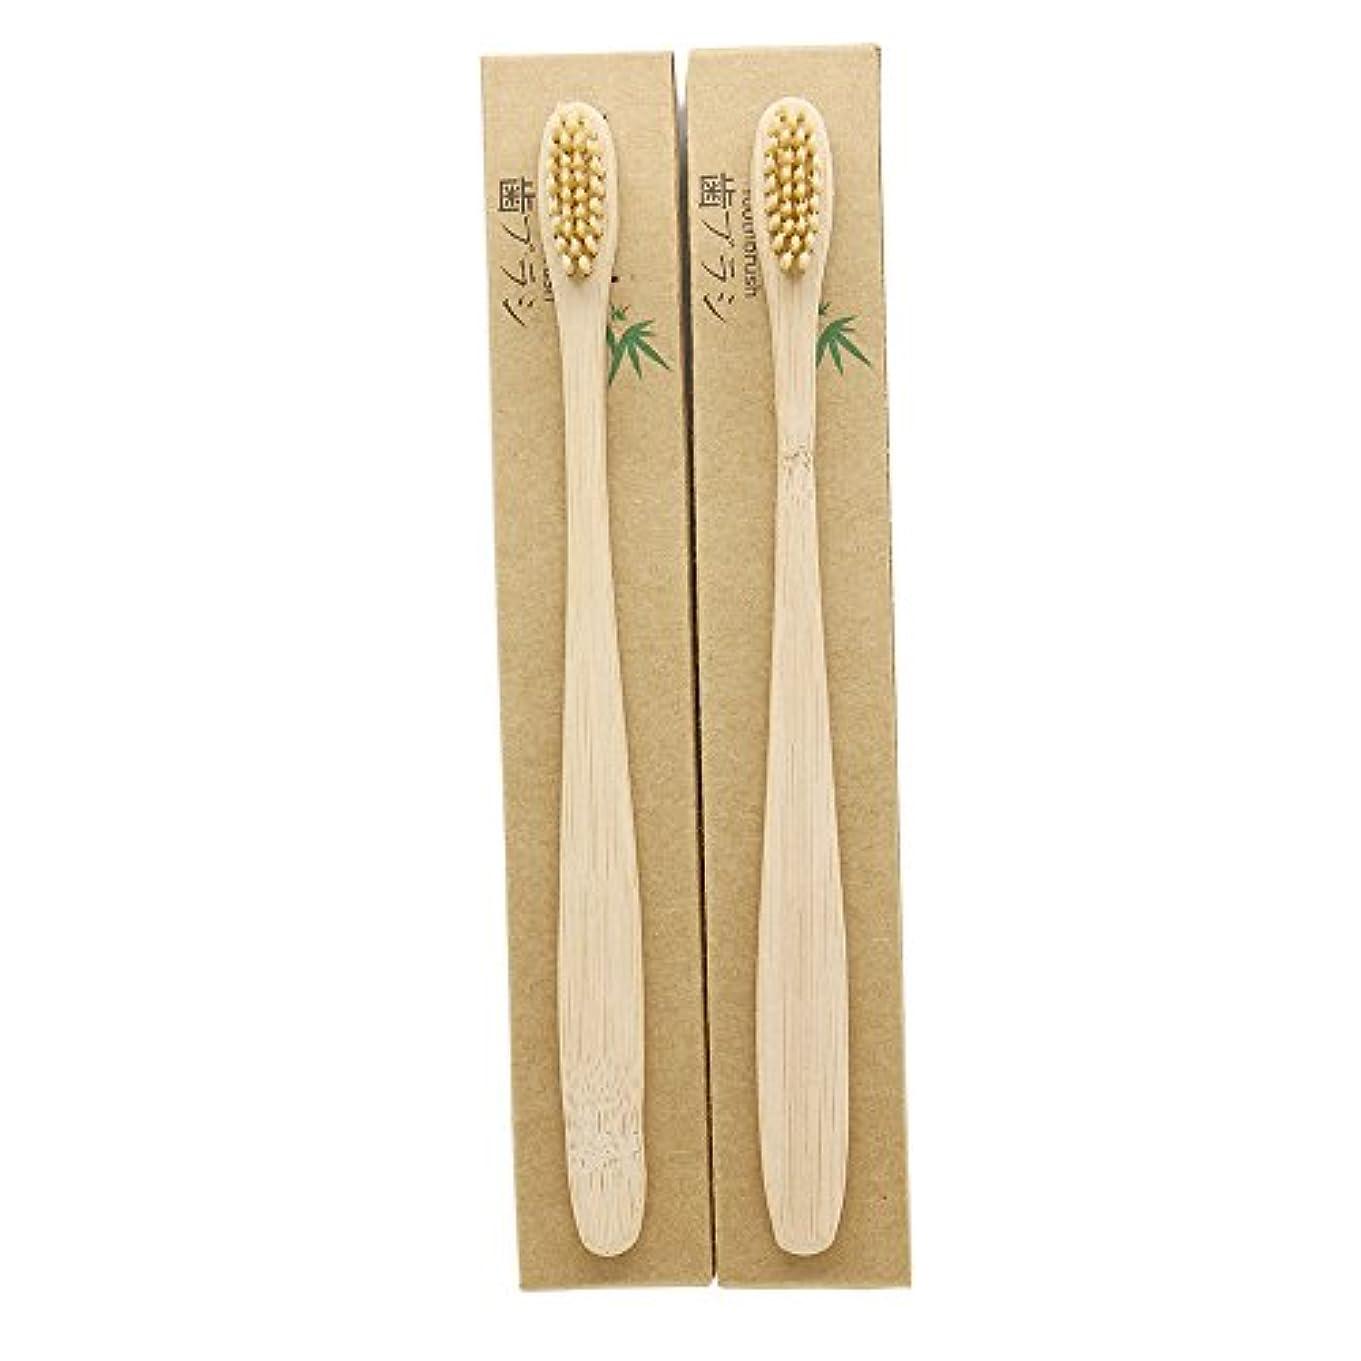 ごめんなさい変形クラブN-amboo 竹製耐久度高い 歯ブラシ 2本入り セット エコ ヘッド小さい クリ—ム色